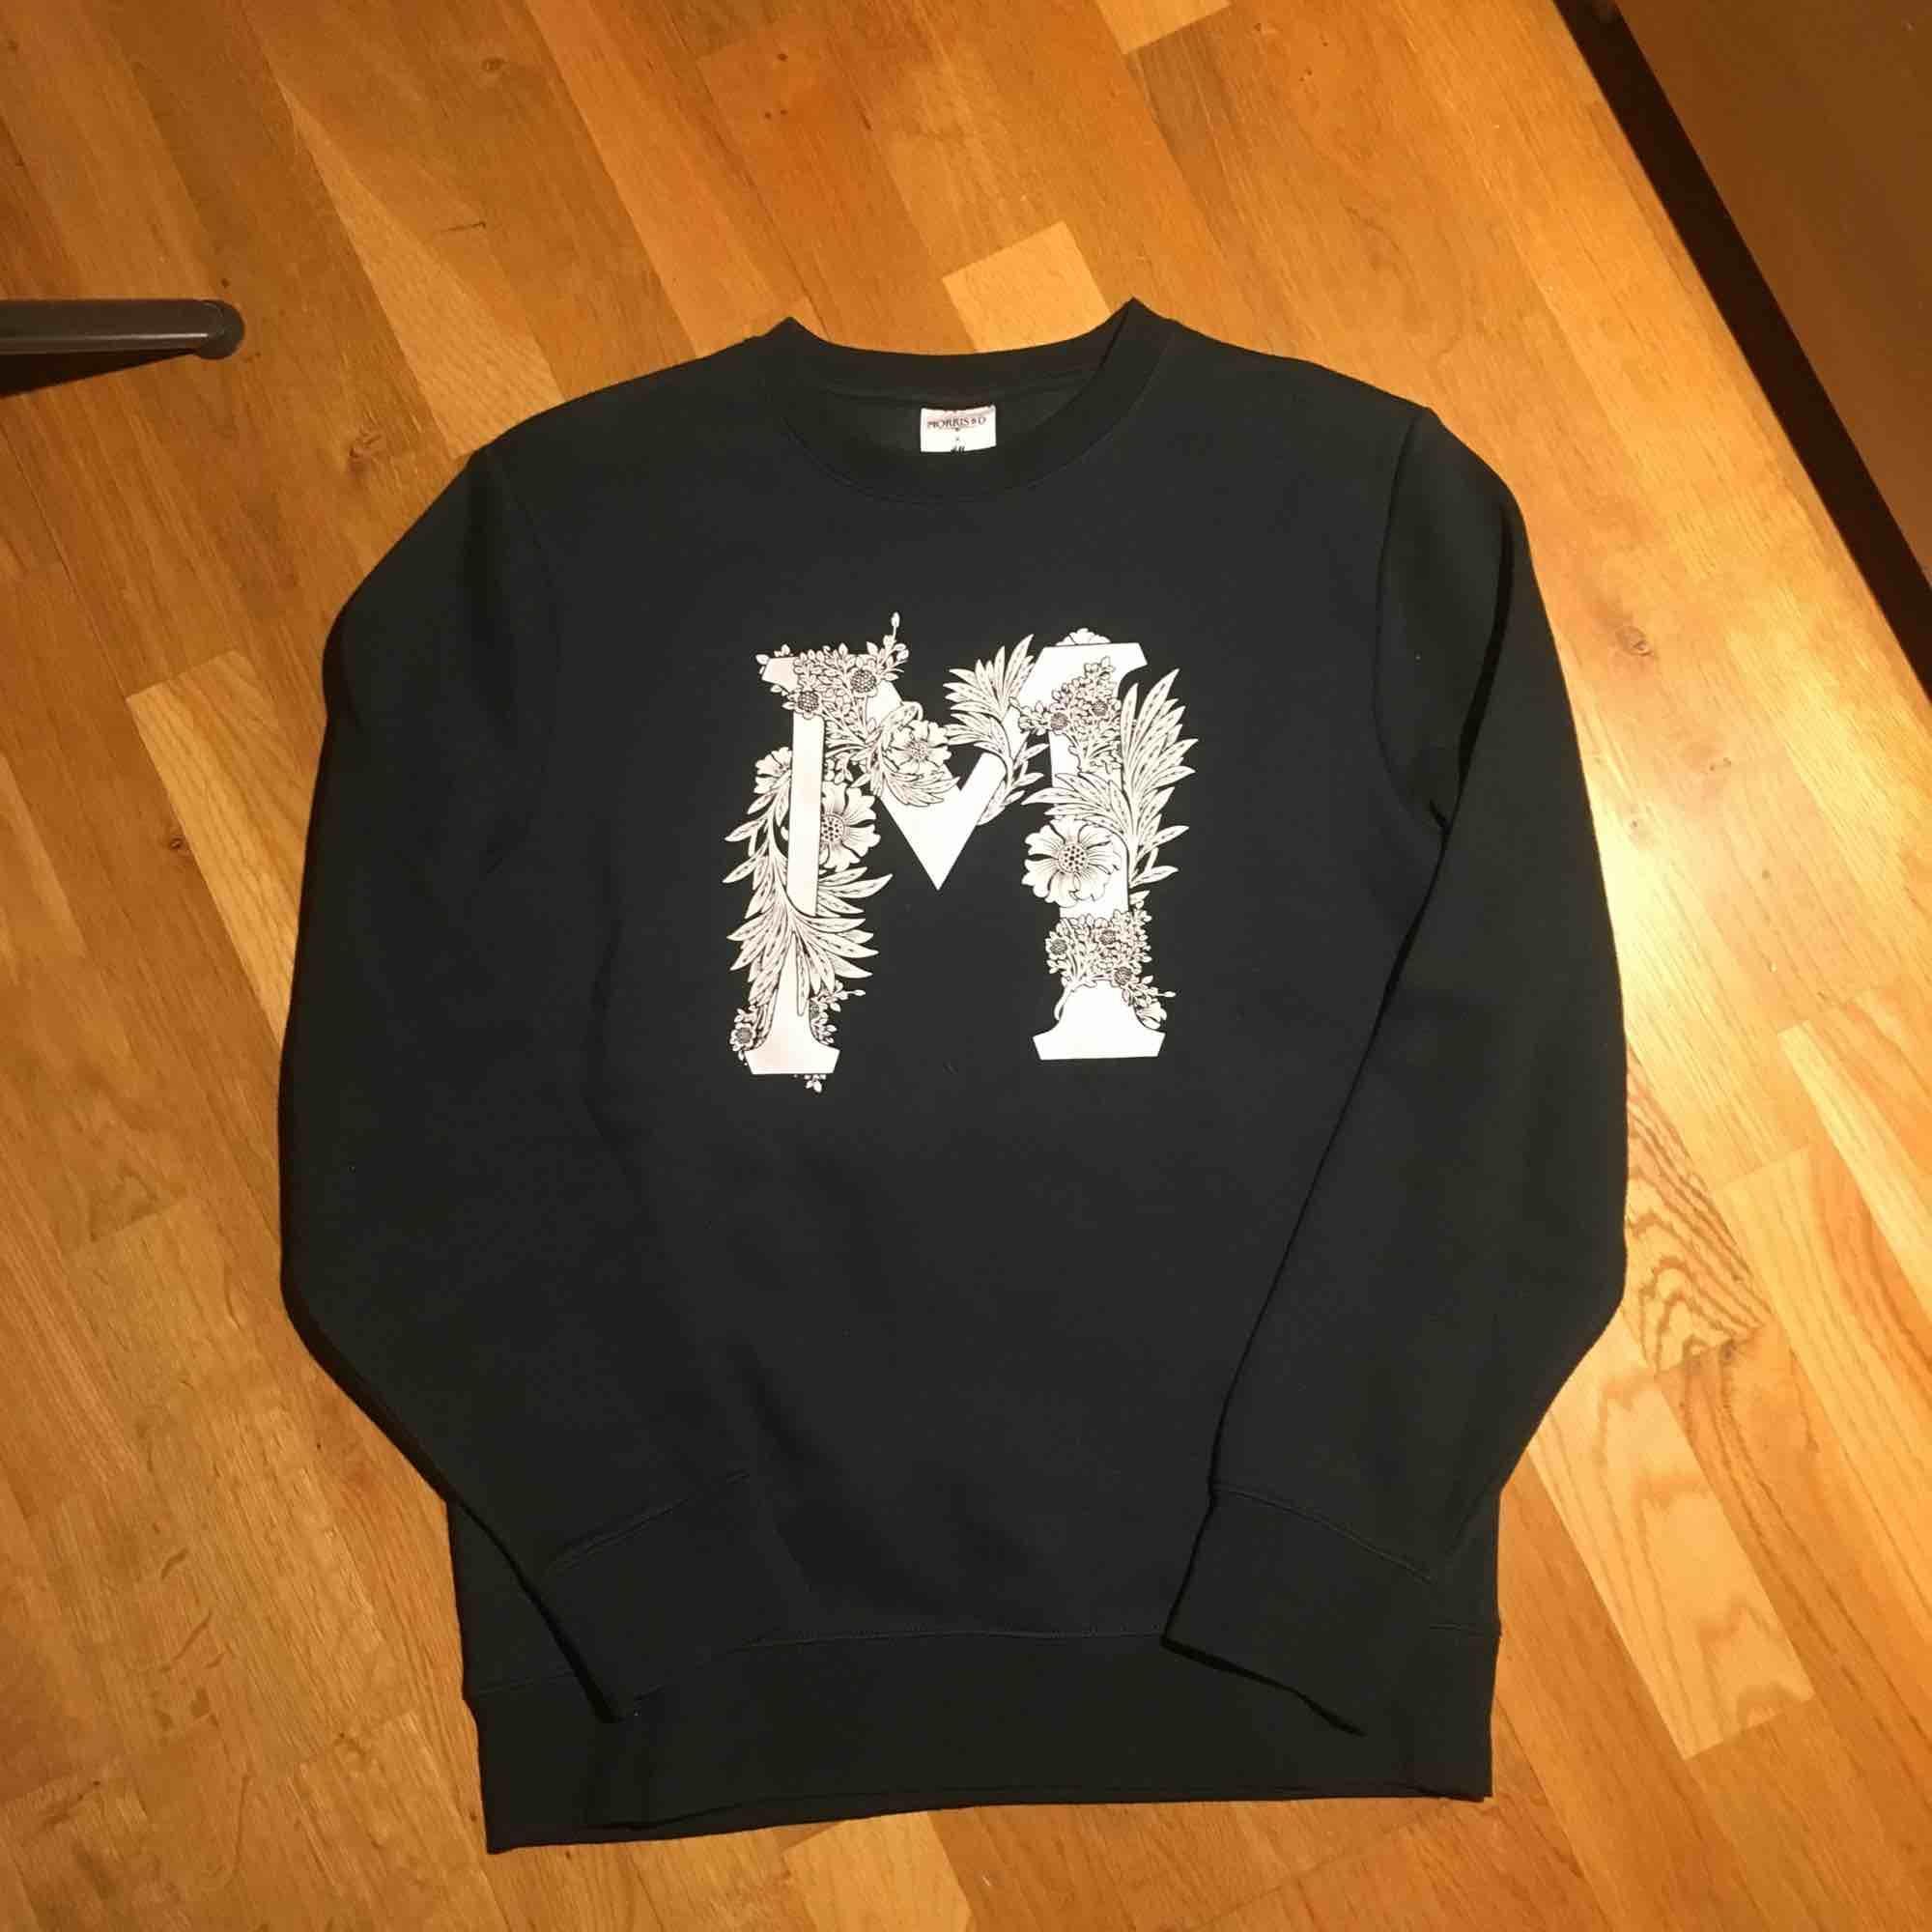 Hm X Morris & company tröja säljes! Den har aldrig använts och är i perfekt skick. Tröjan är mörkgrön vilket är tydligare på sista bilden. . Tröjor & Koftor.